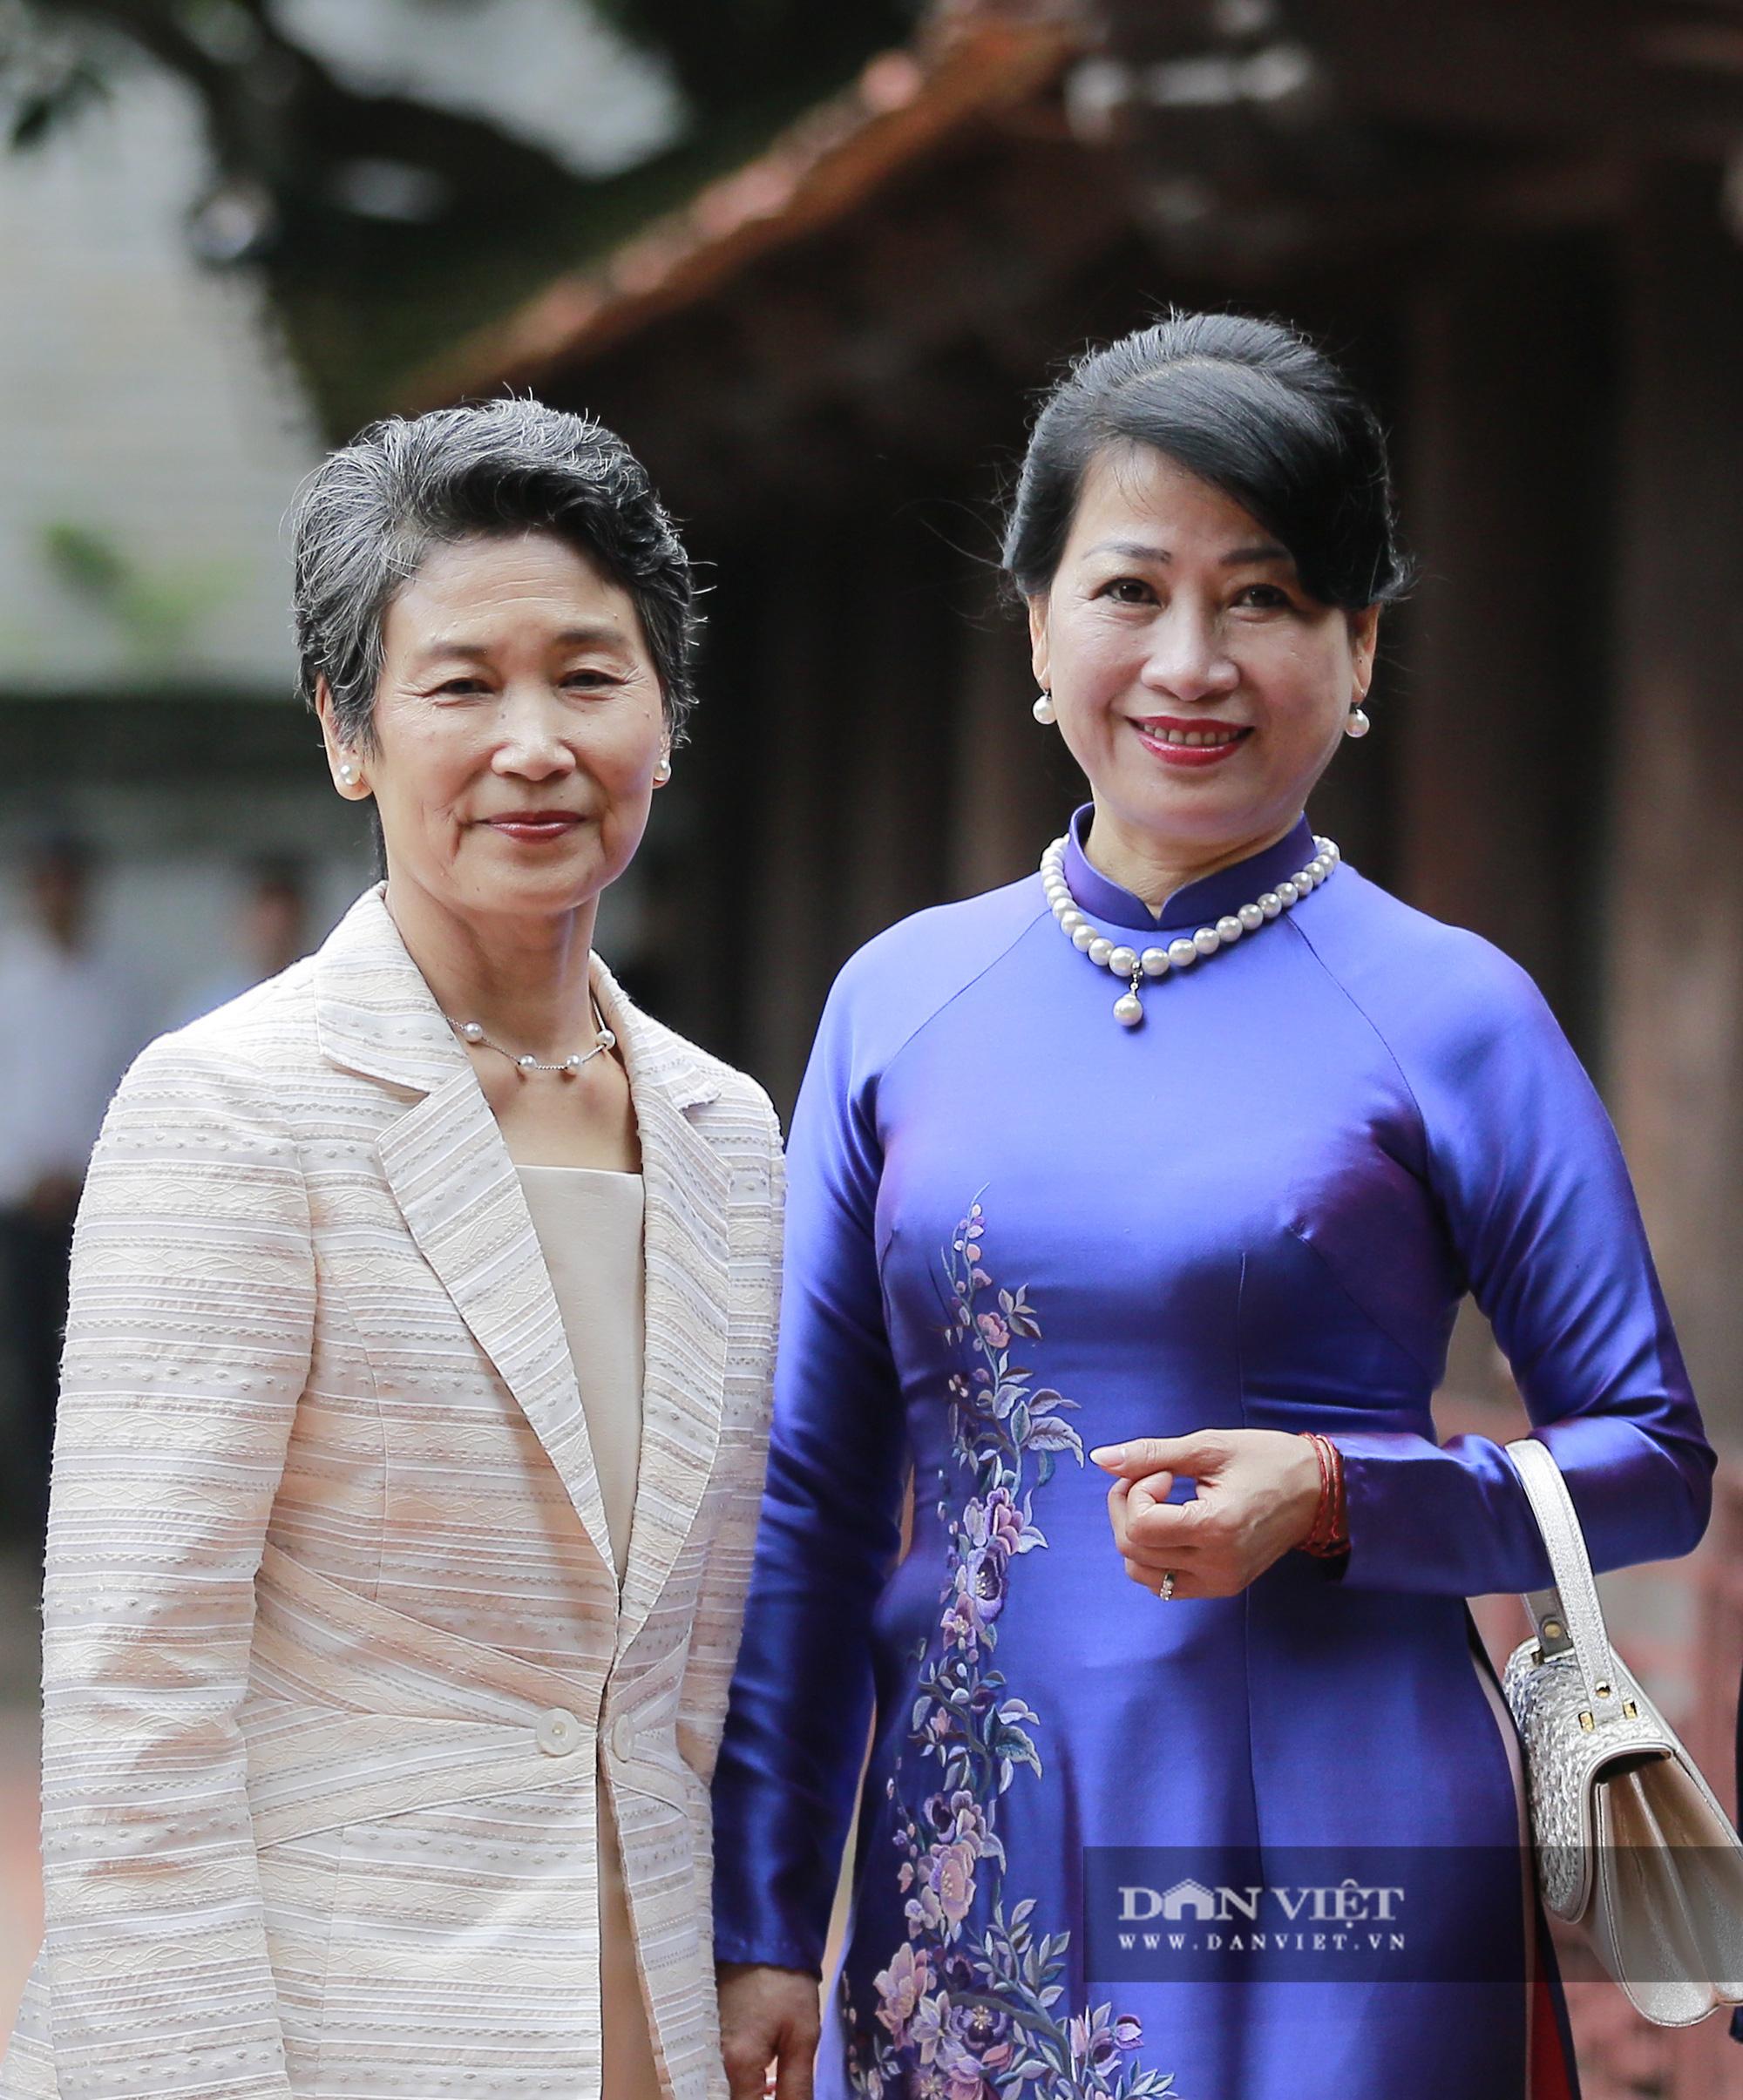 Phu nhân Thủ tướng Nhật Bản tham quan bảo tàng Phụ nữ Việt Nam - Ảnh 8.